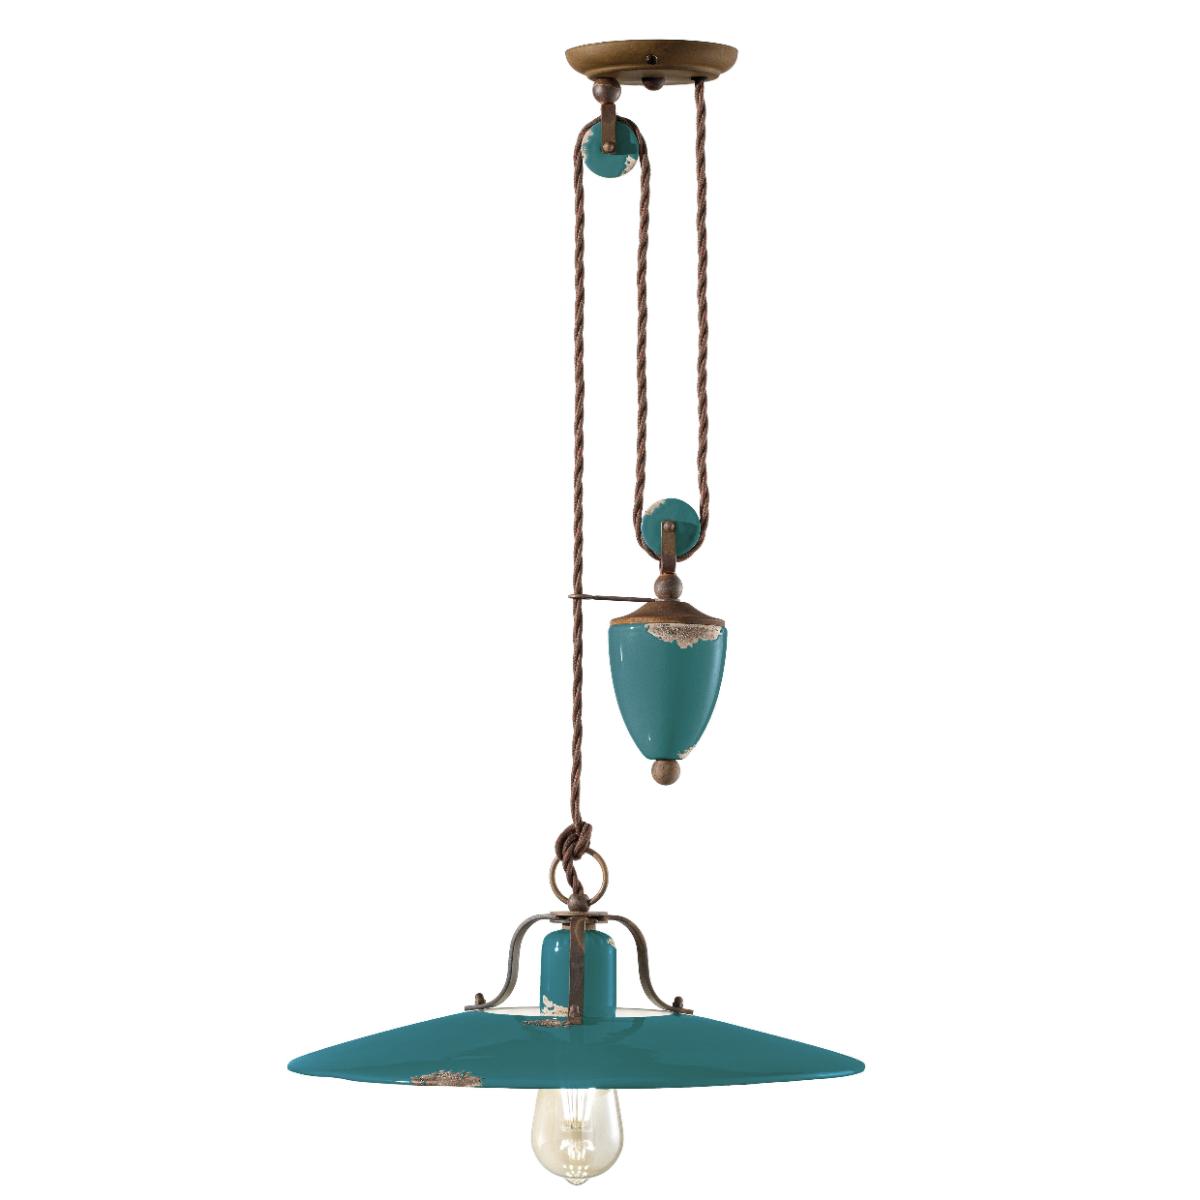 גוף תאורה בסגנון אורבני – בצבע טורקיז C-1446